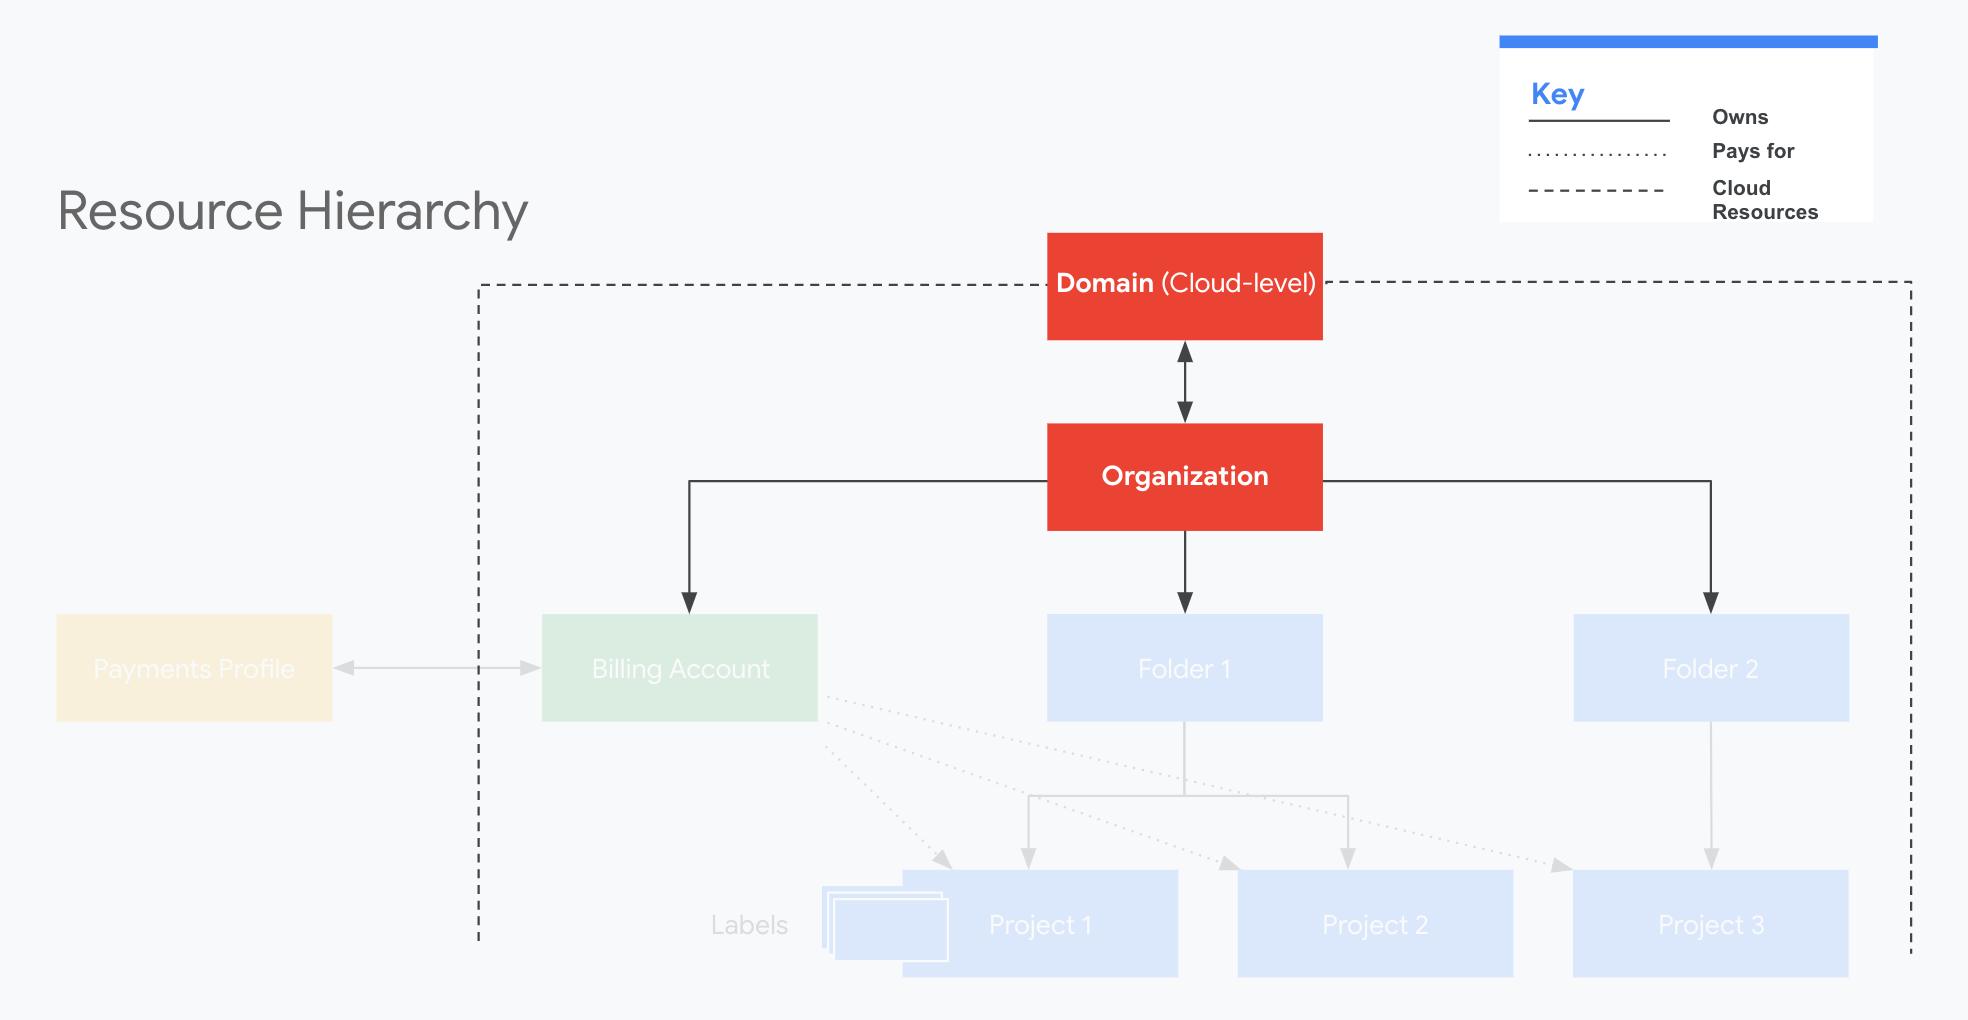 Domaine et organisation dans la hiérarchie des ressources